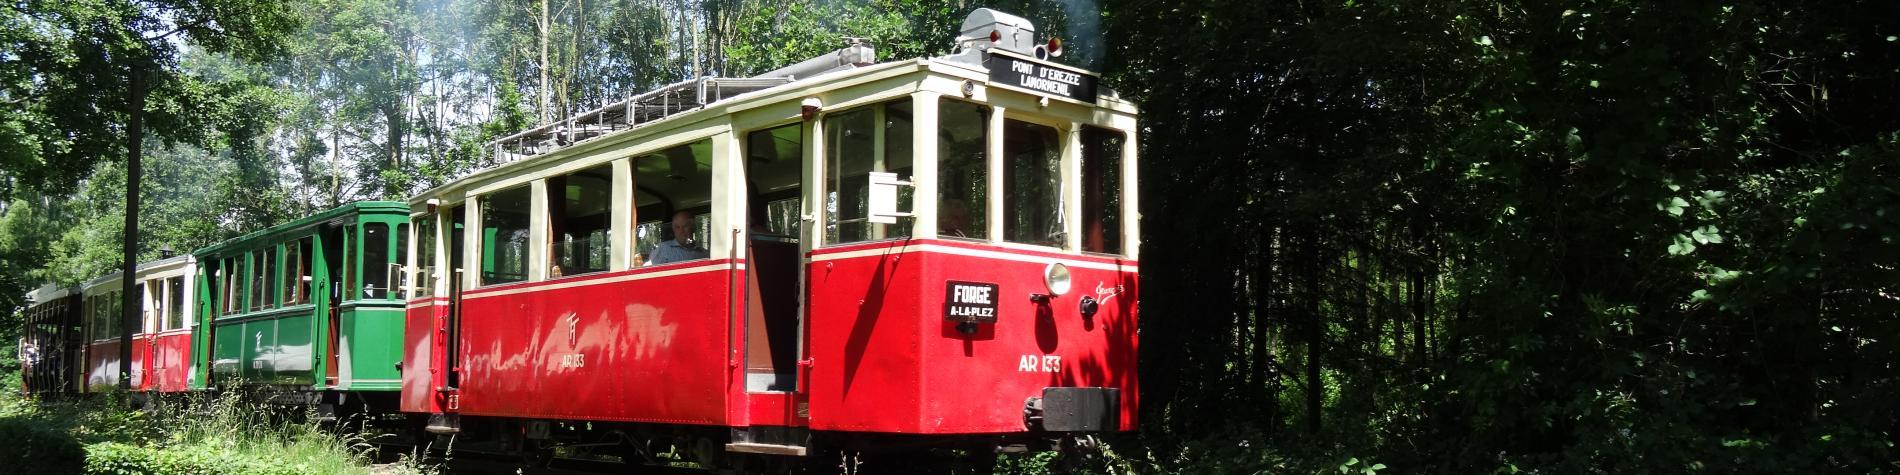 Maison du Tourisme - Ourthe et Aisne - Attraction train touristique - Erezée